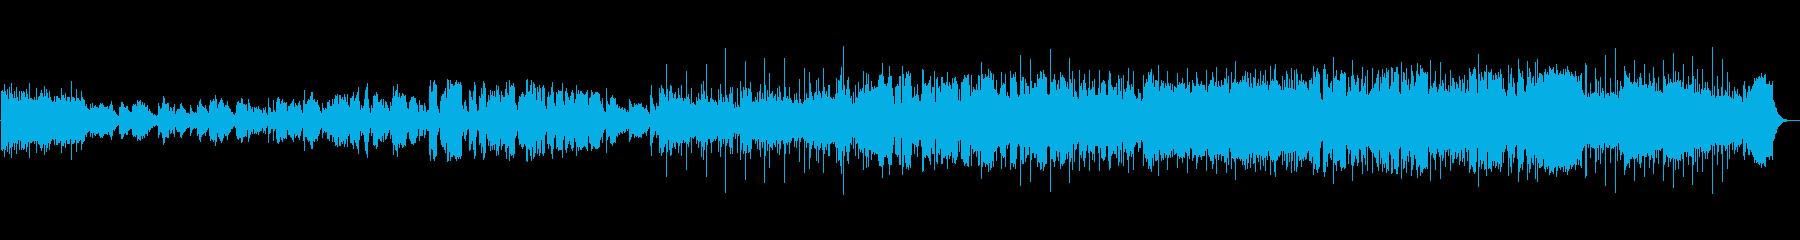 元気を届ける応援ソングの再生済みの波形